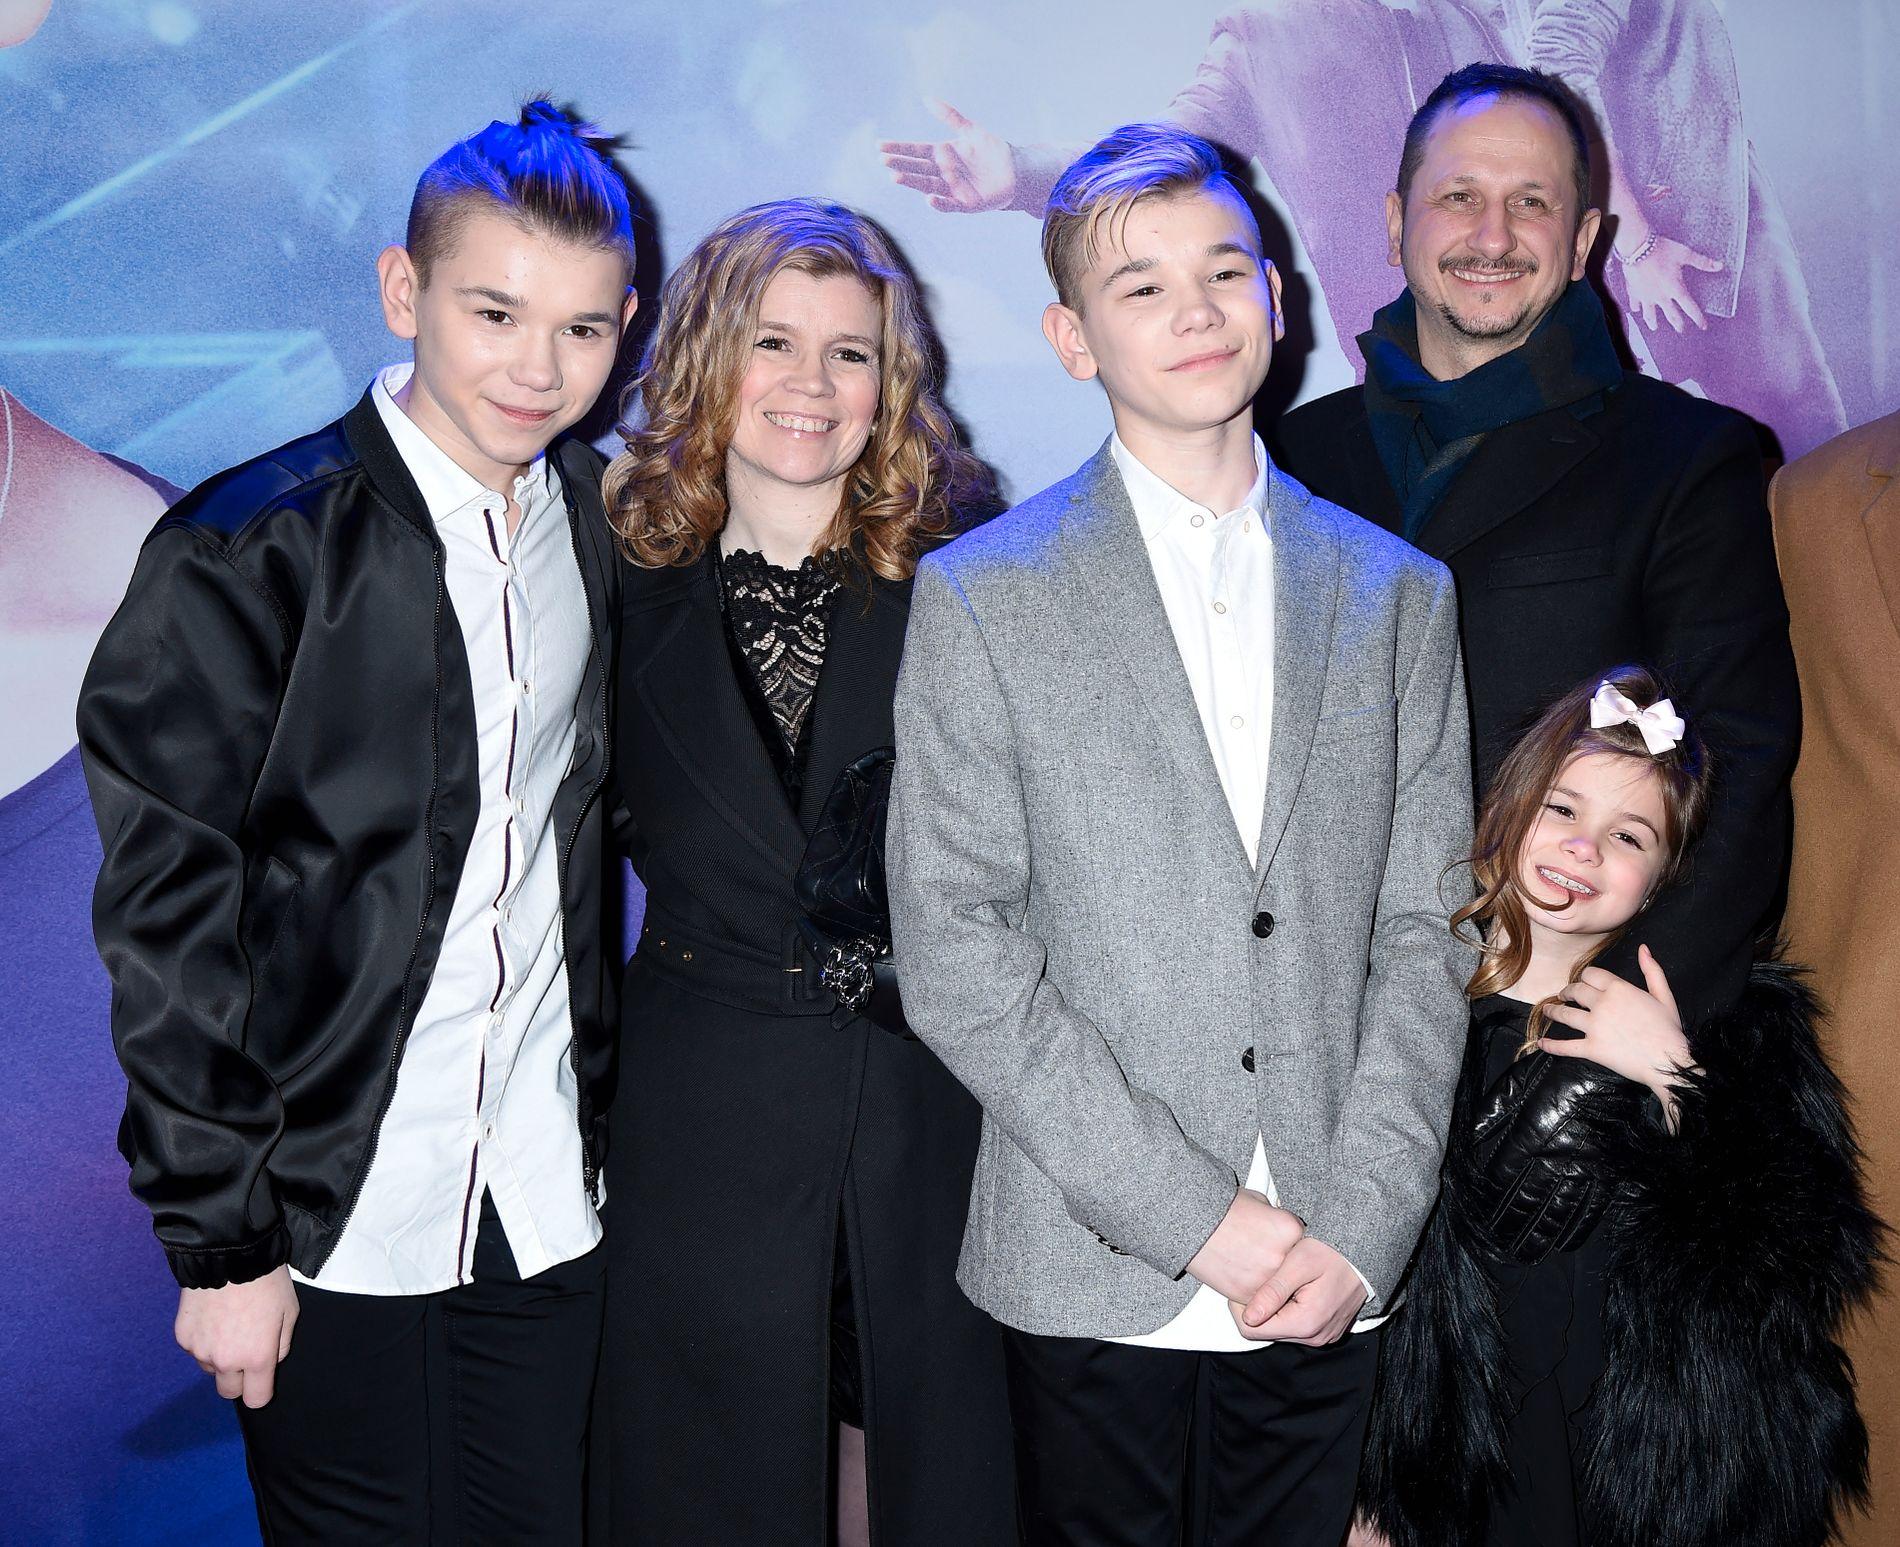 POPFAMILIE: Kvintetten som utgjør familien Gunnarsen, fra venstre: Marcus, Gerd Anne, Martinus, Kjell-Erik og Emma. Her på premierefest i Stockholm i januar. Foto: AFTONBLADET